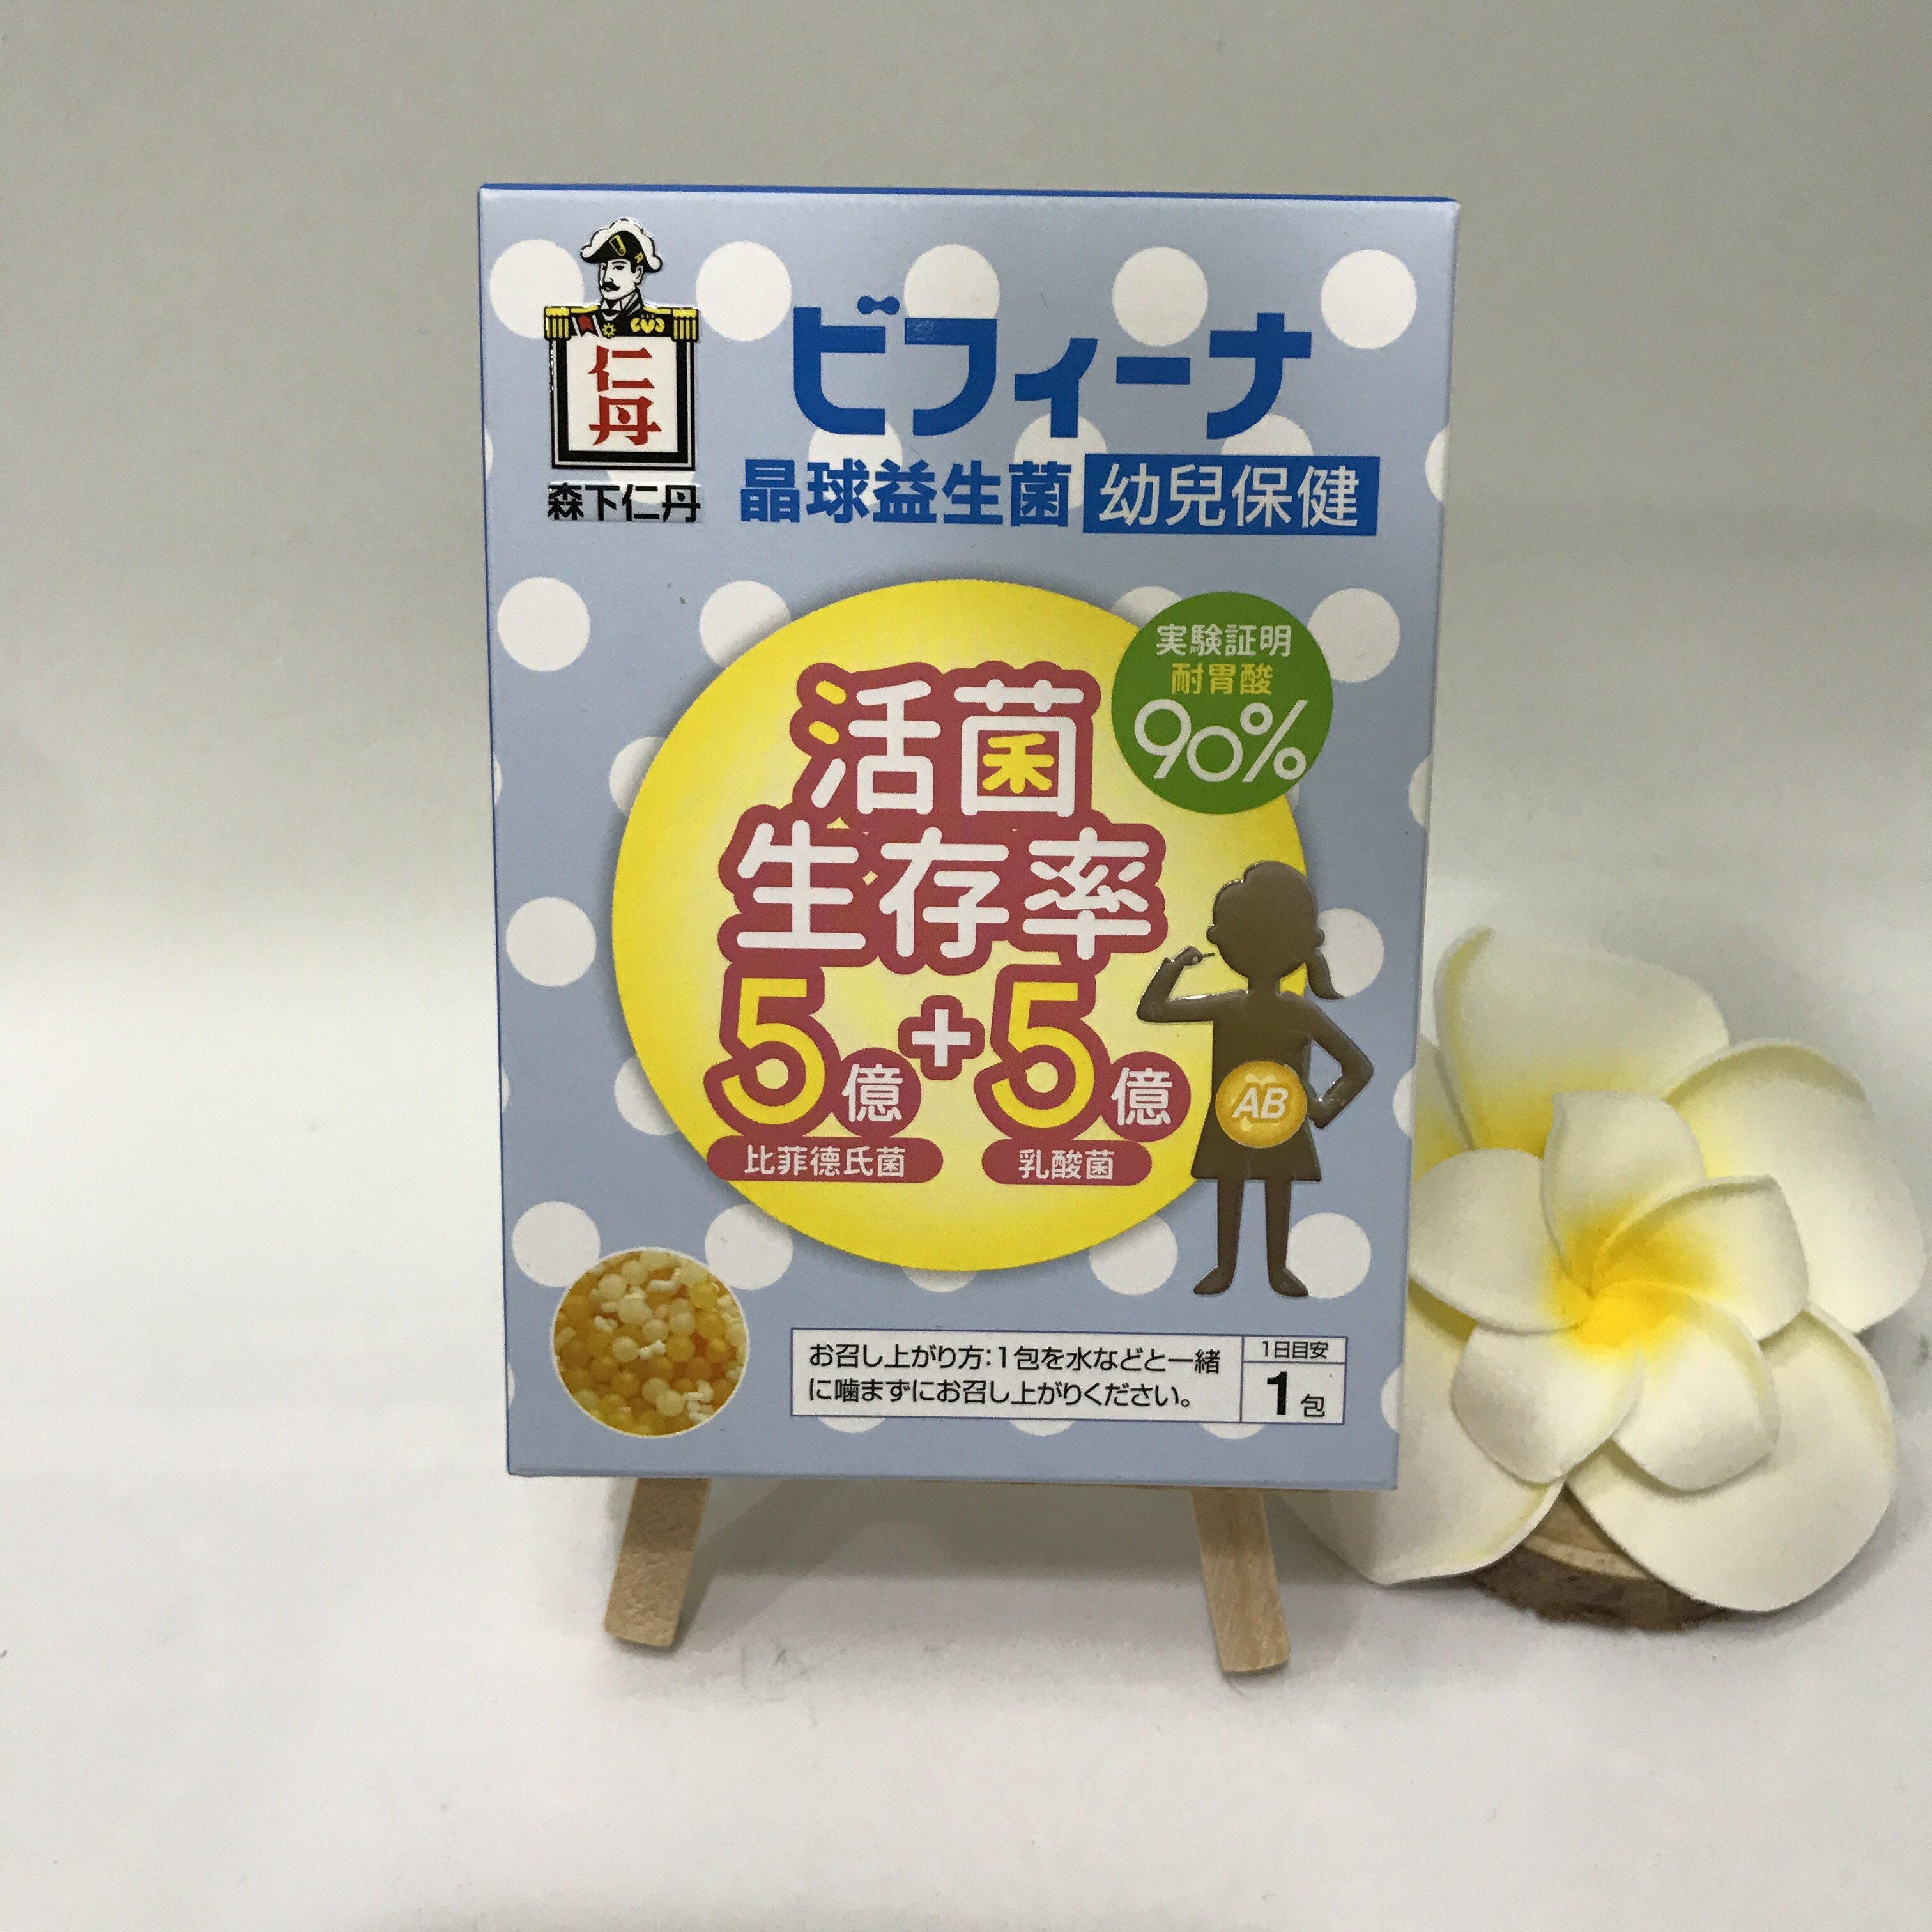 森下仁丹  晶球益生菌 (14包/盒)